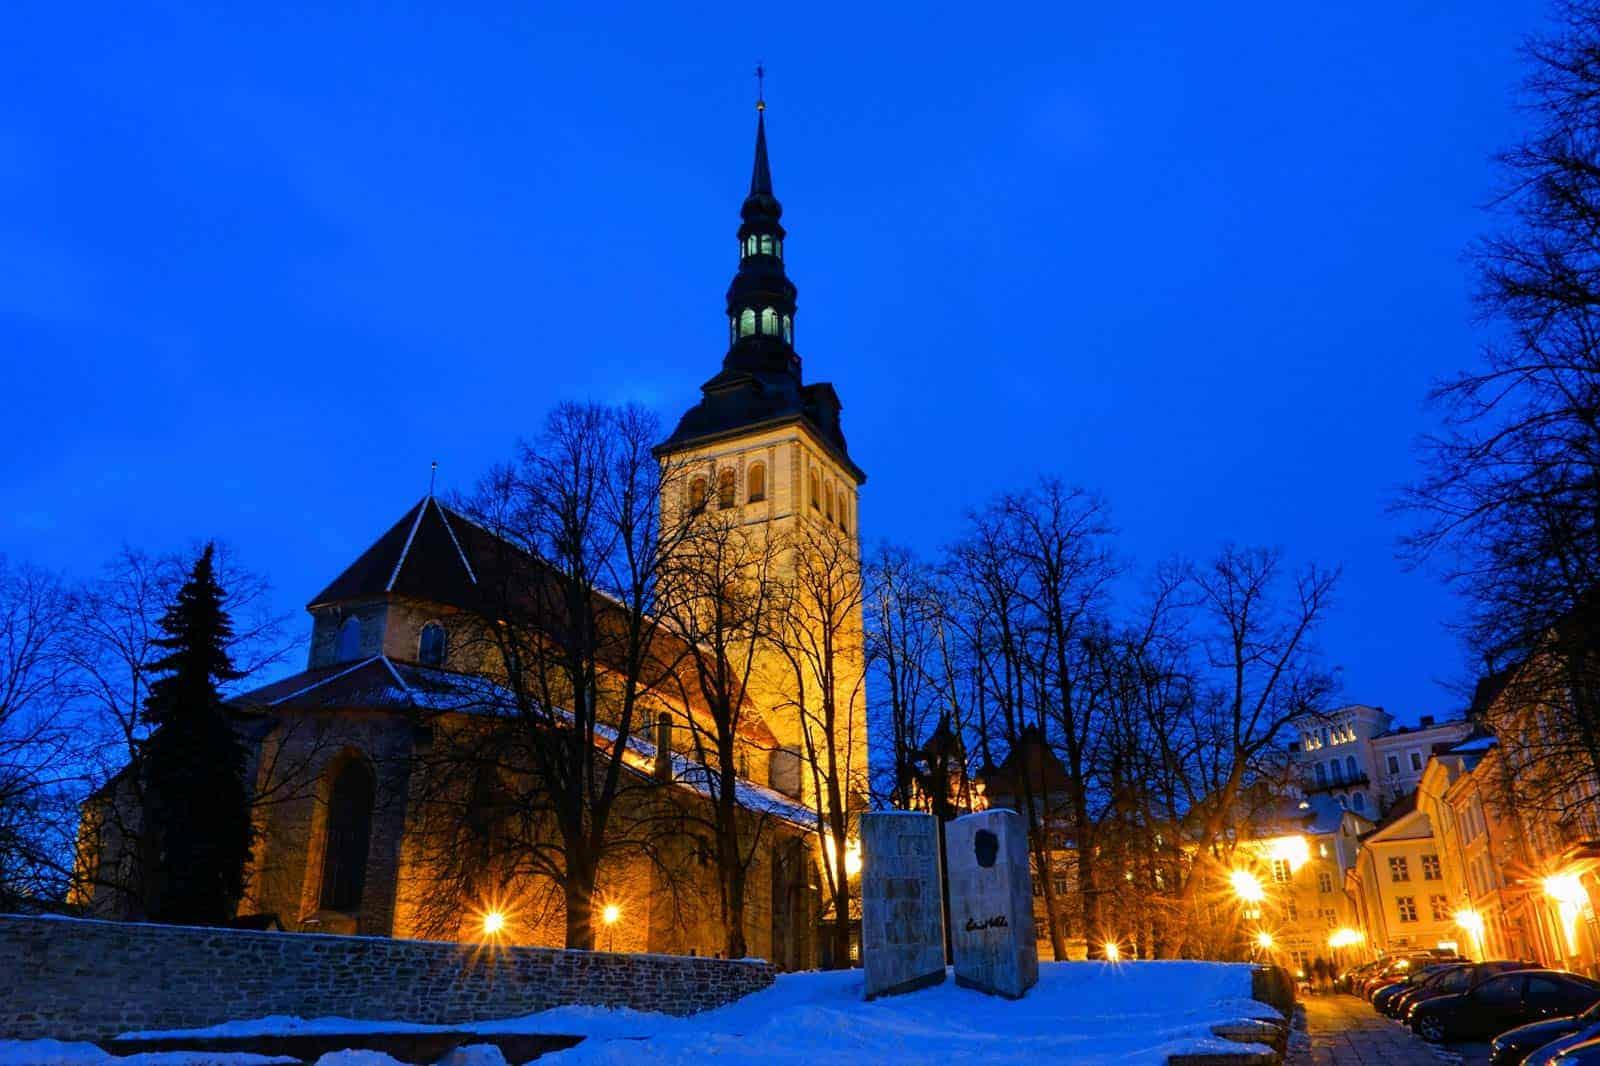 Igreja S. Nicholas, Tallinn, Estónia